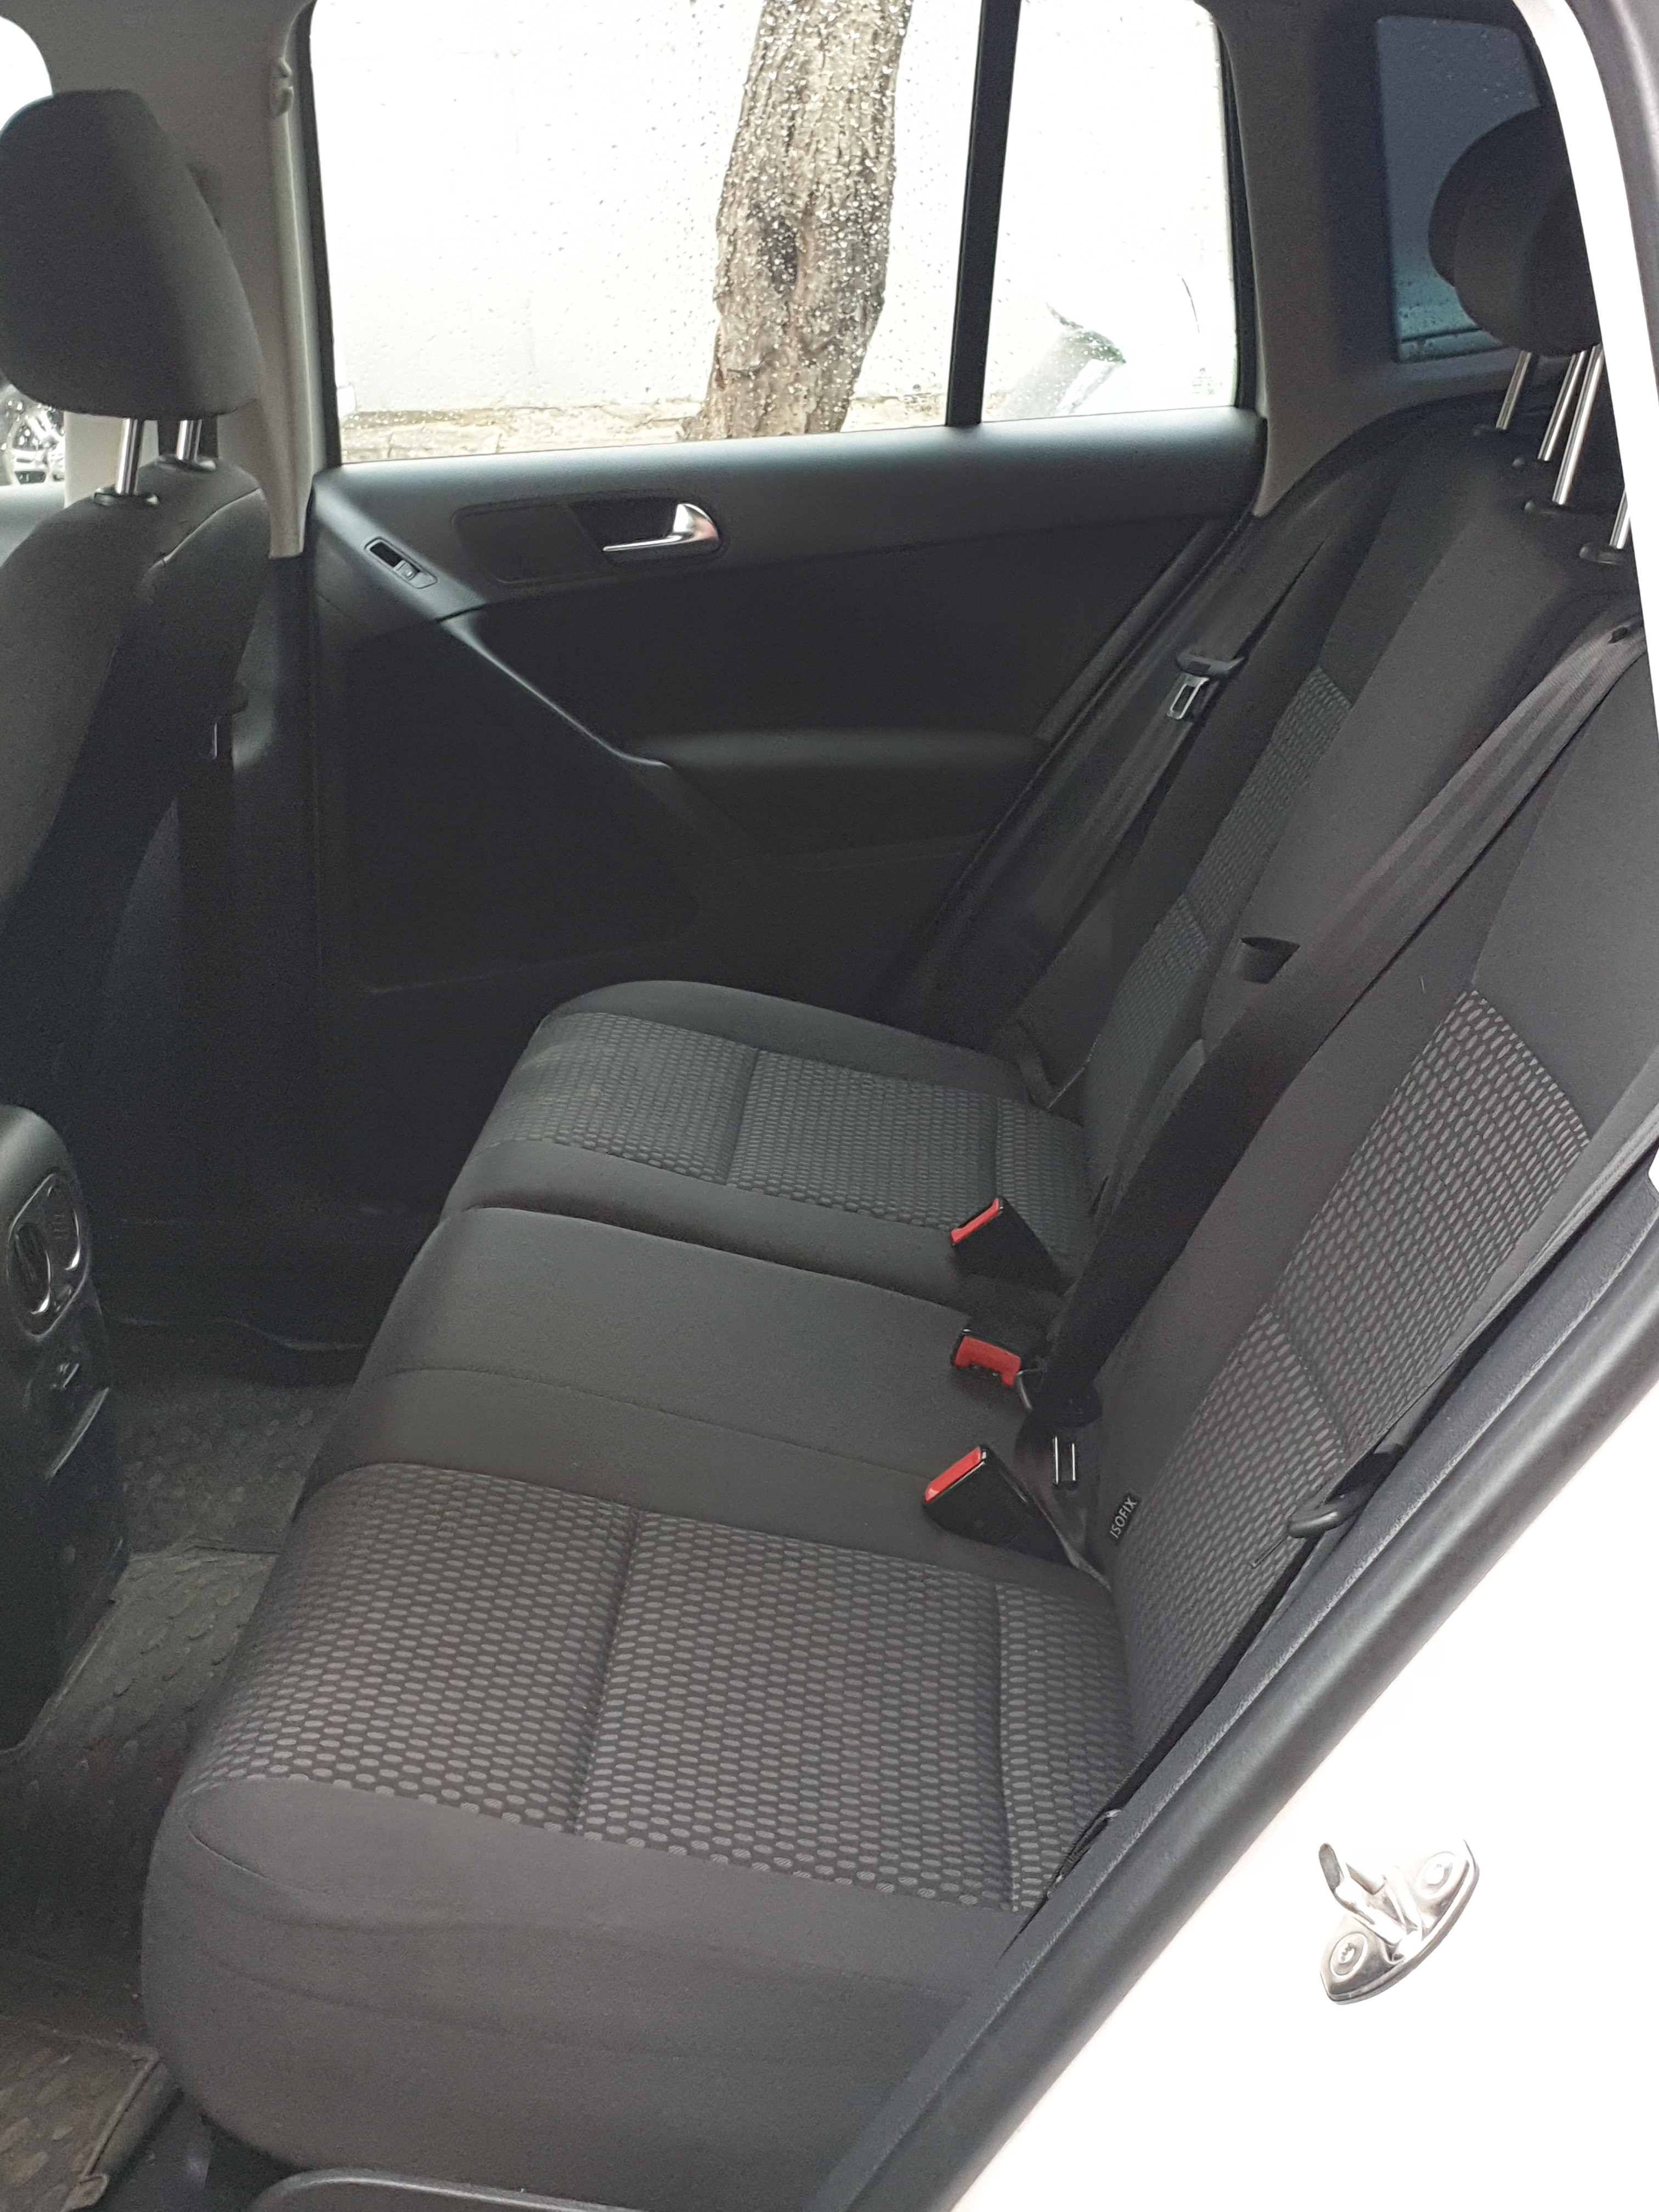 Volkswagen Tiguan 2.0(lt) 2010 İkinci əl  $11000